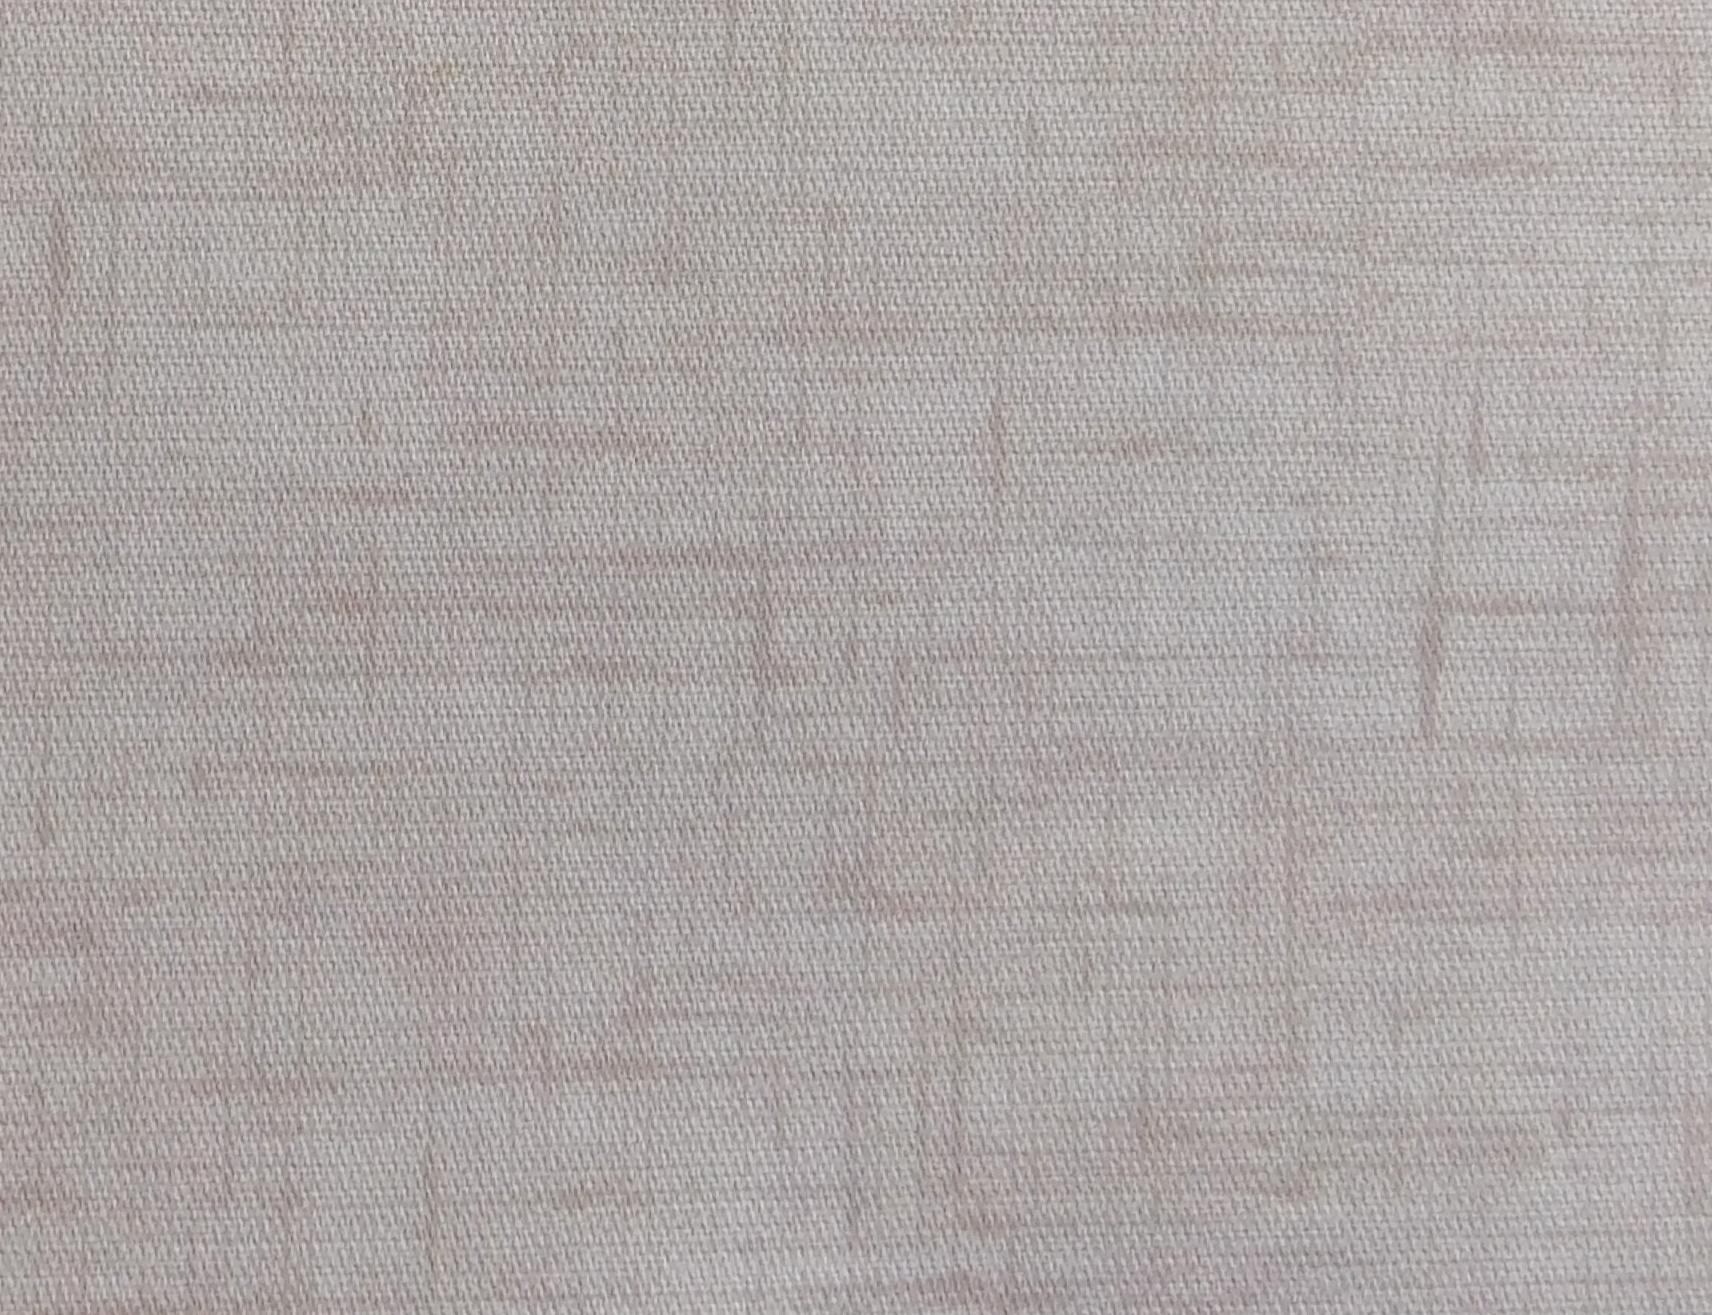 Spectrum Skimming Stone Blind Fabric RA